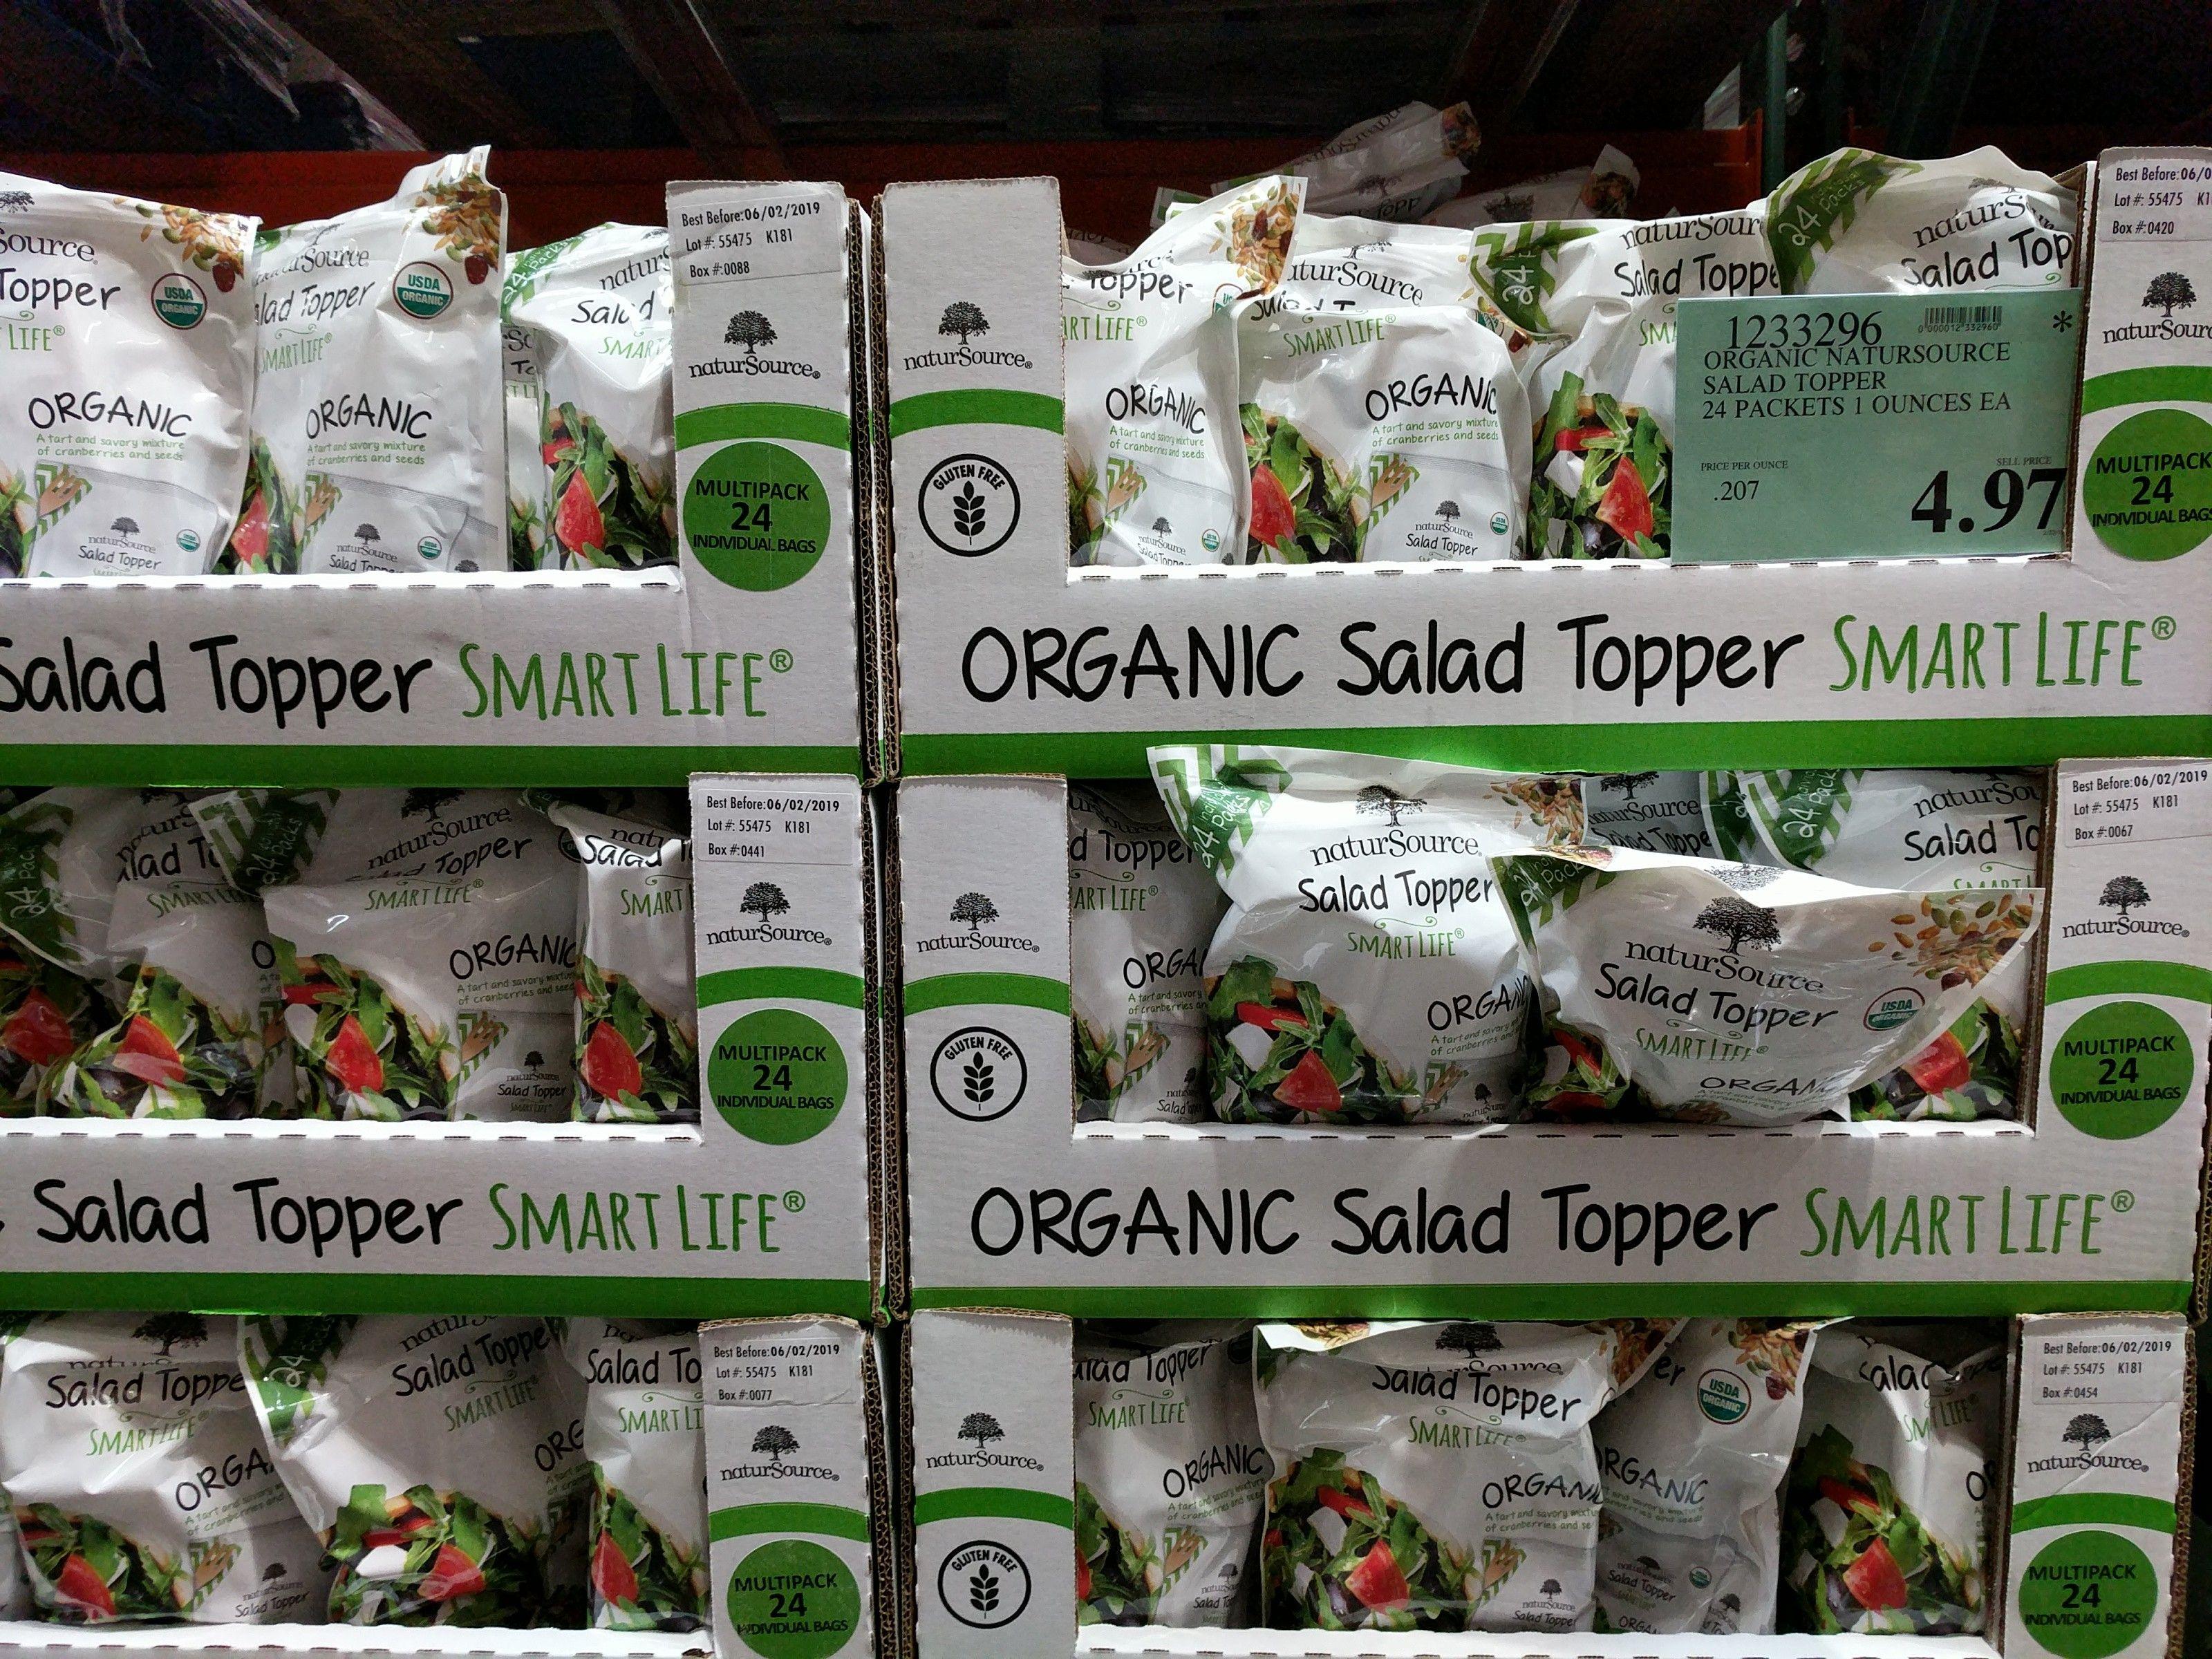 Natursource Organic Salad Topper 4 97 Costco Clearance Salad Toppers Organic Salads Salad Topping